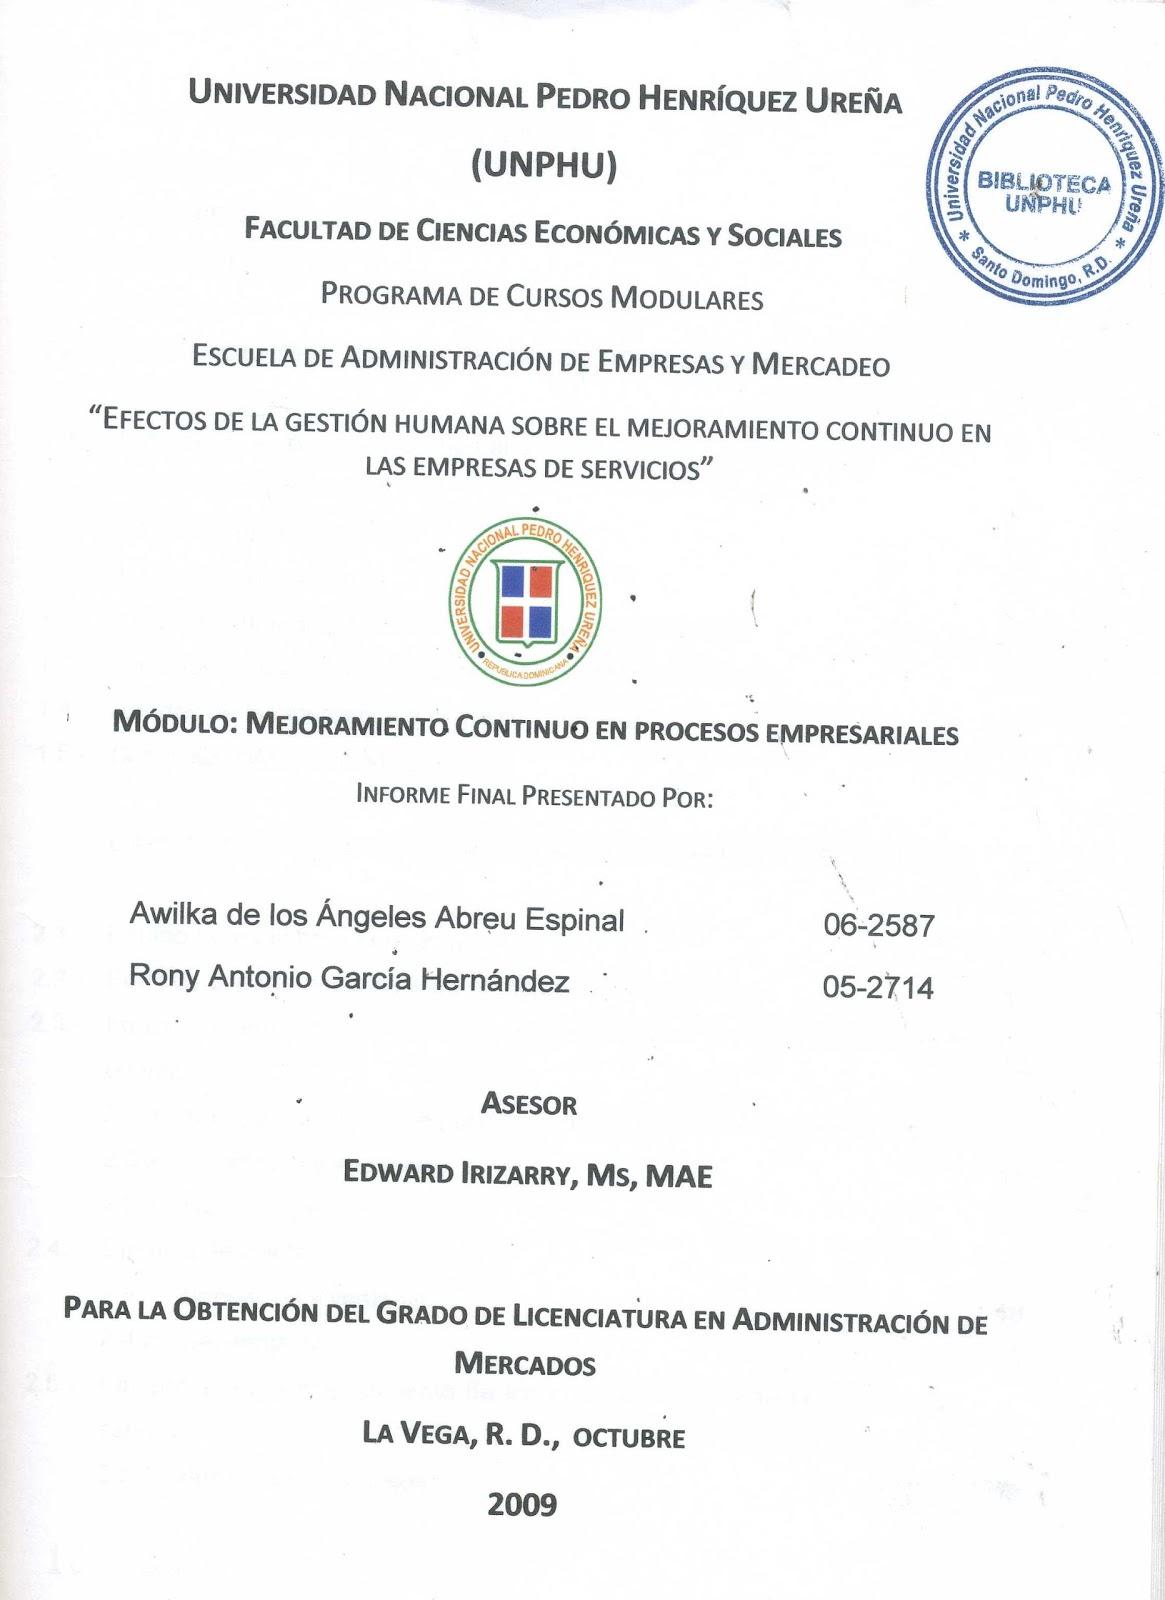 chilena de cristiano ronaldo